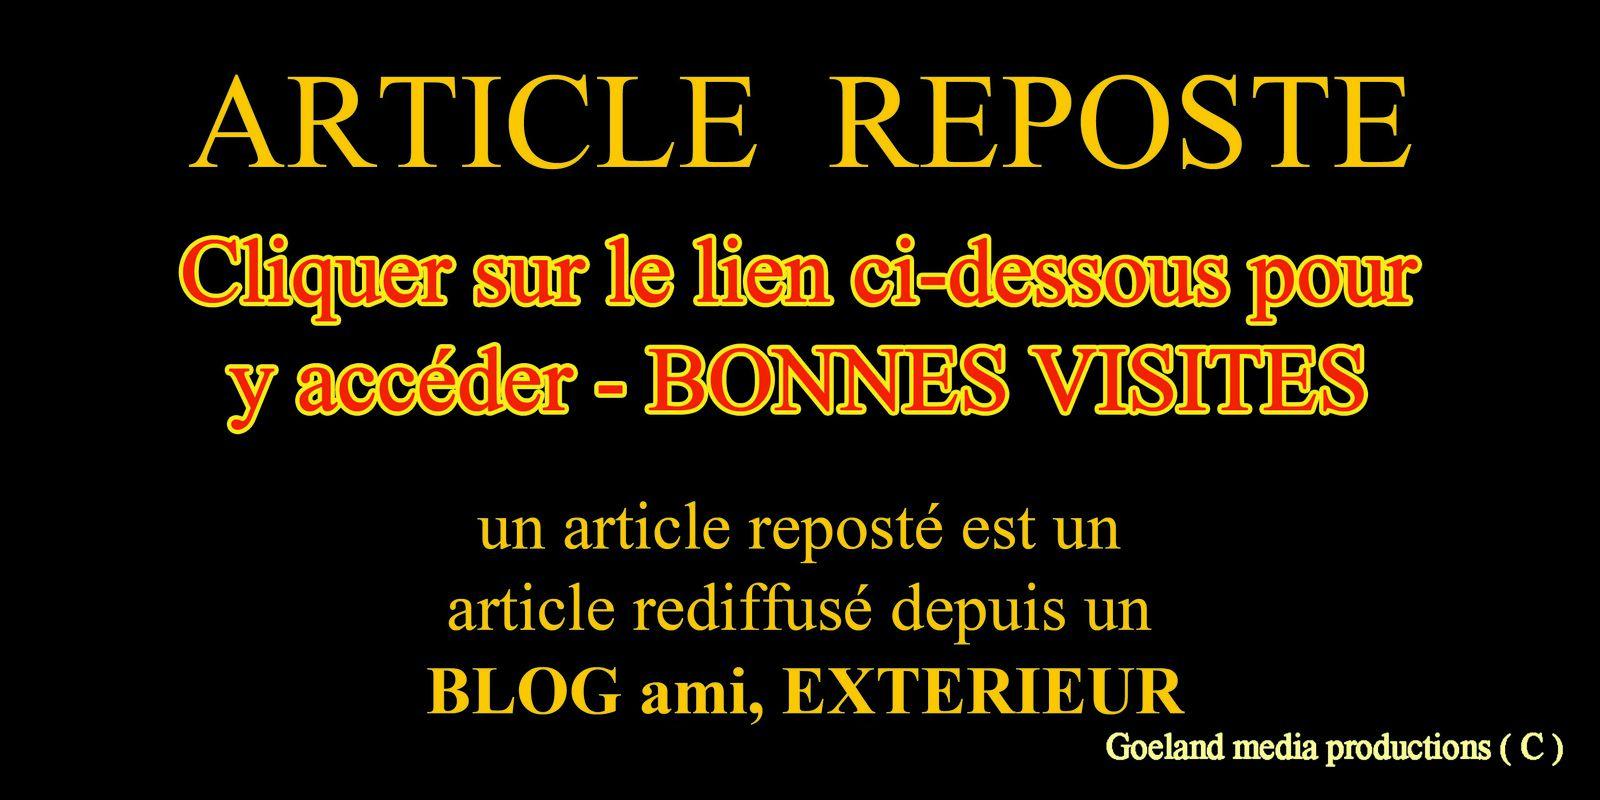 CLIQUER sur le LIEN CI-DESSOUS, pour accéder à l'article plus complet - goelandmedia.prod@gmail.com (c)